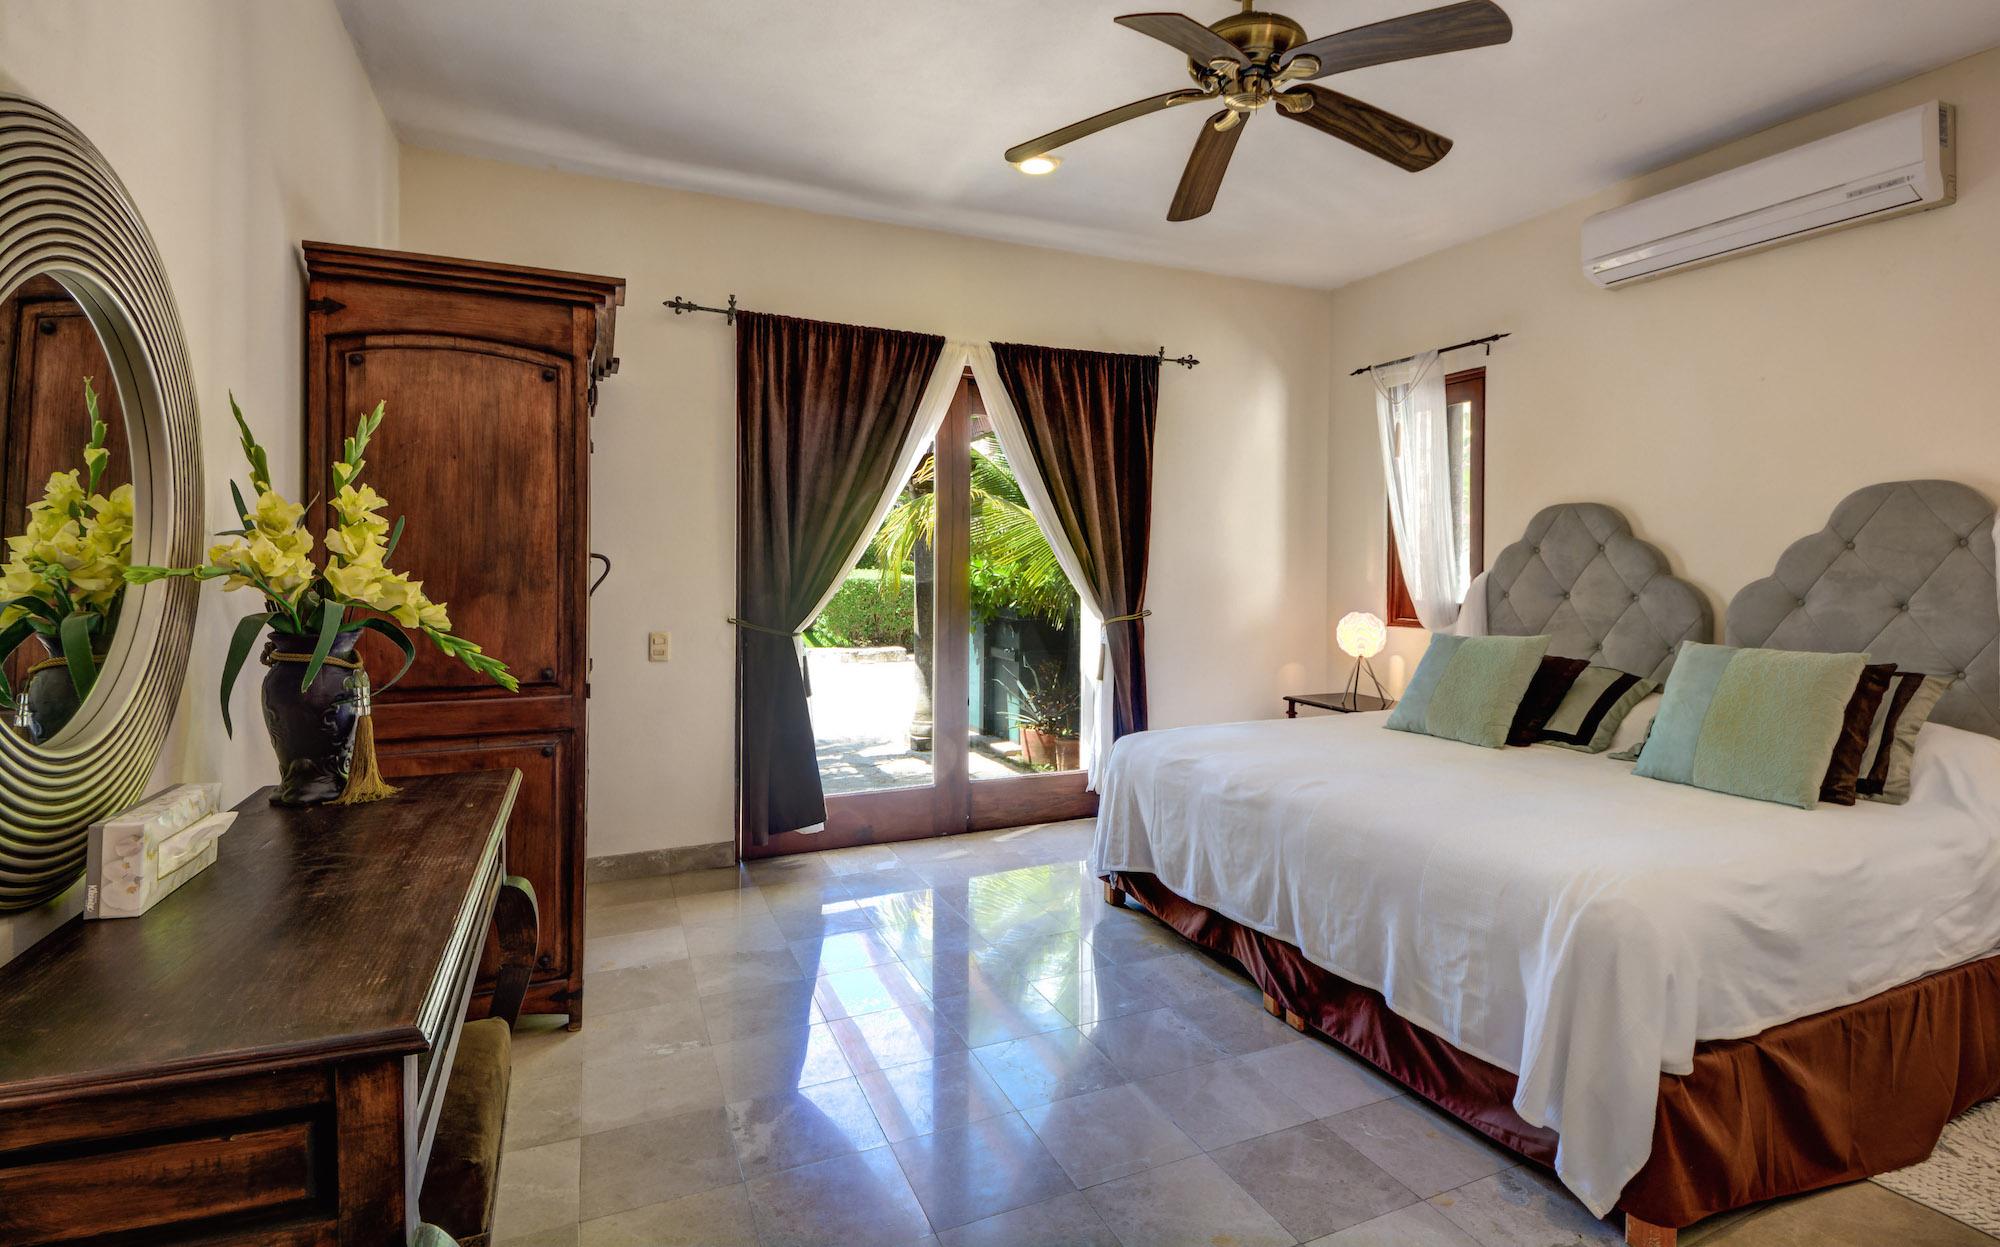 Villa Azurro_yourescape_Playa_del_Carmen_Riviera_Maya_Mexico_24